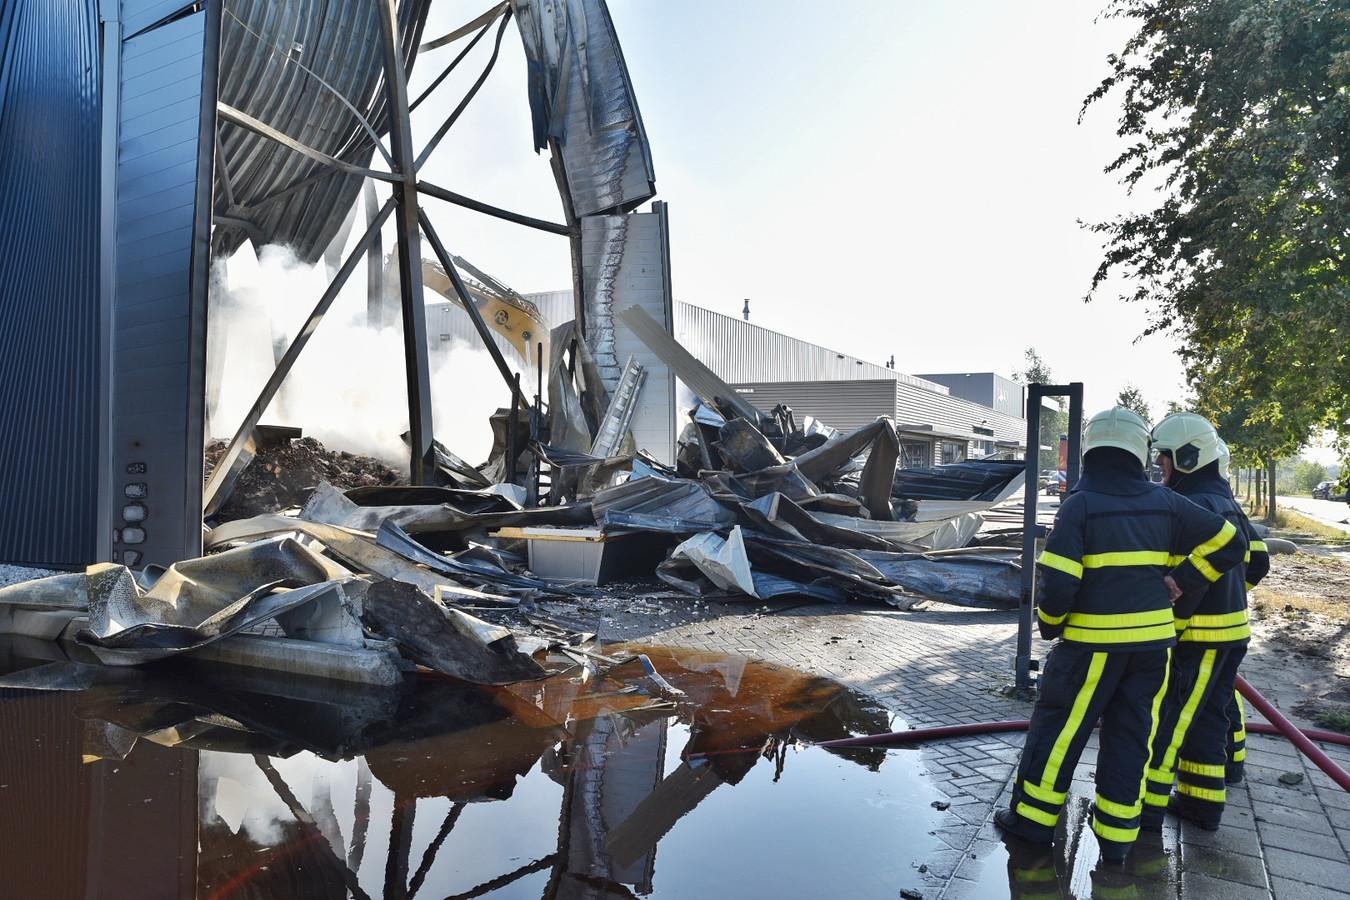 De dag na de brand in Aanmaakblokjesfabriek Fire-Up is de schade goed te zien